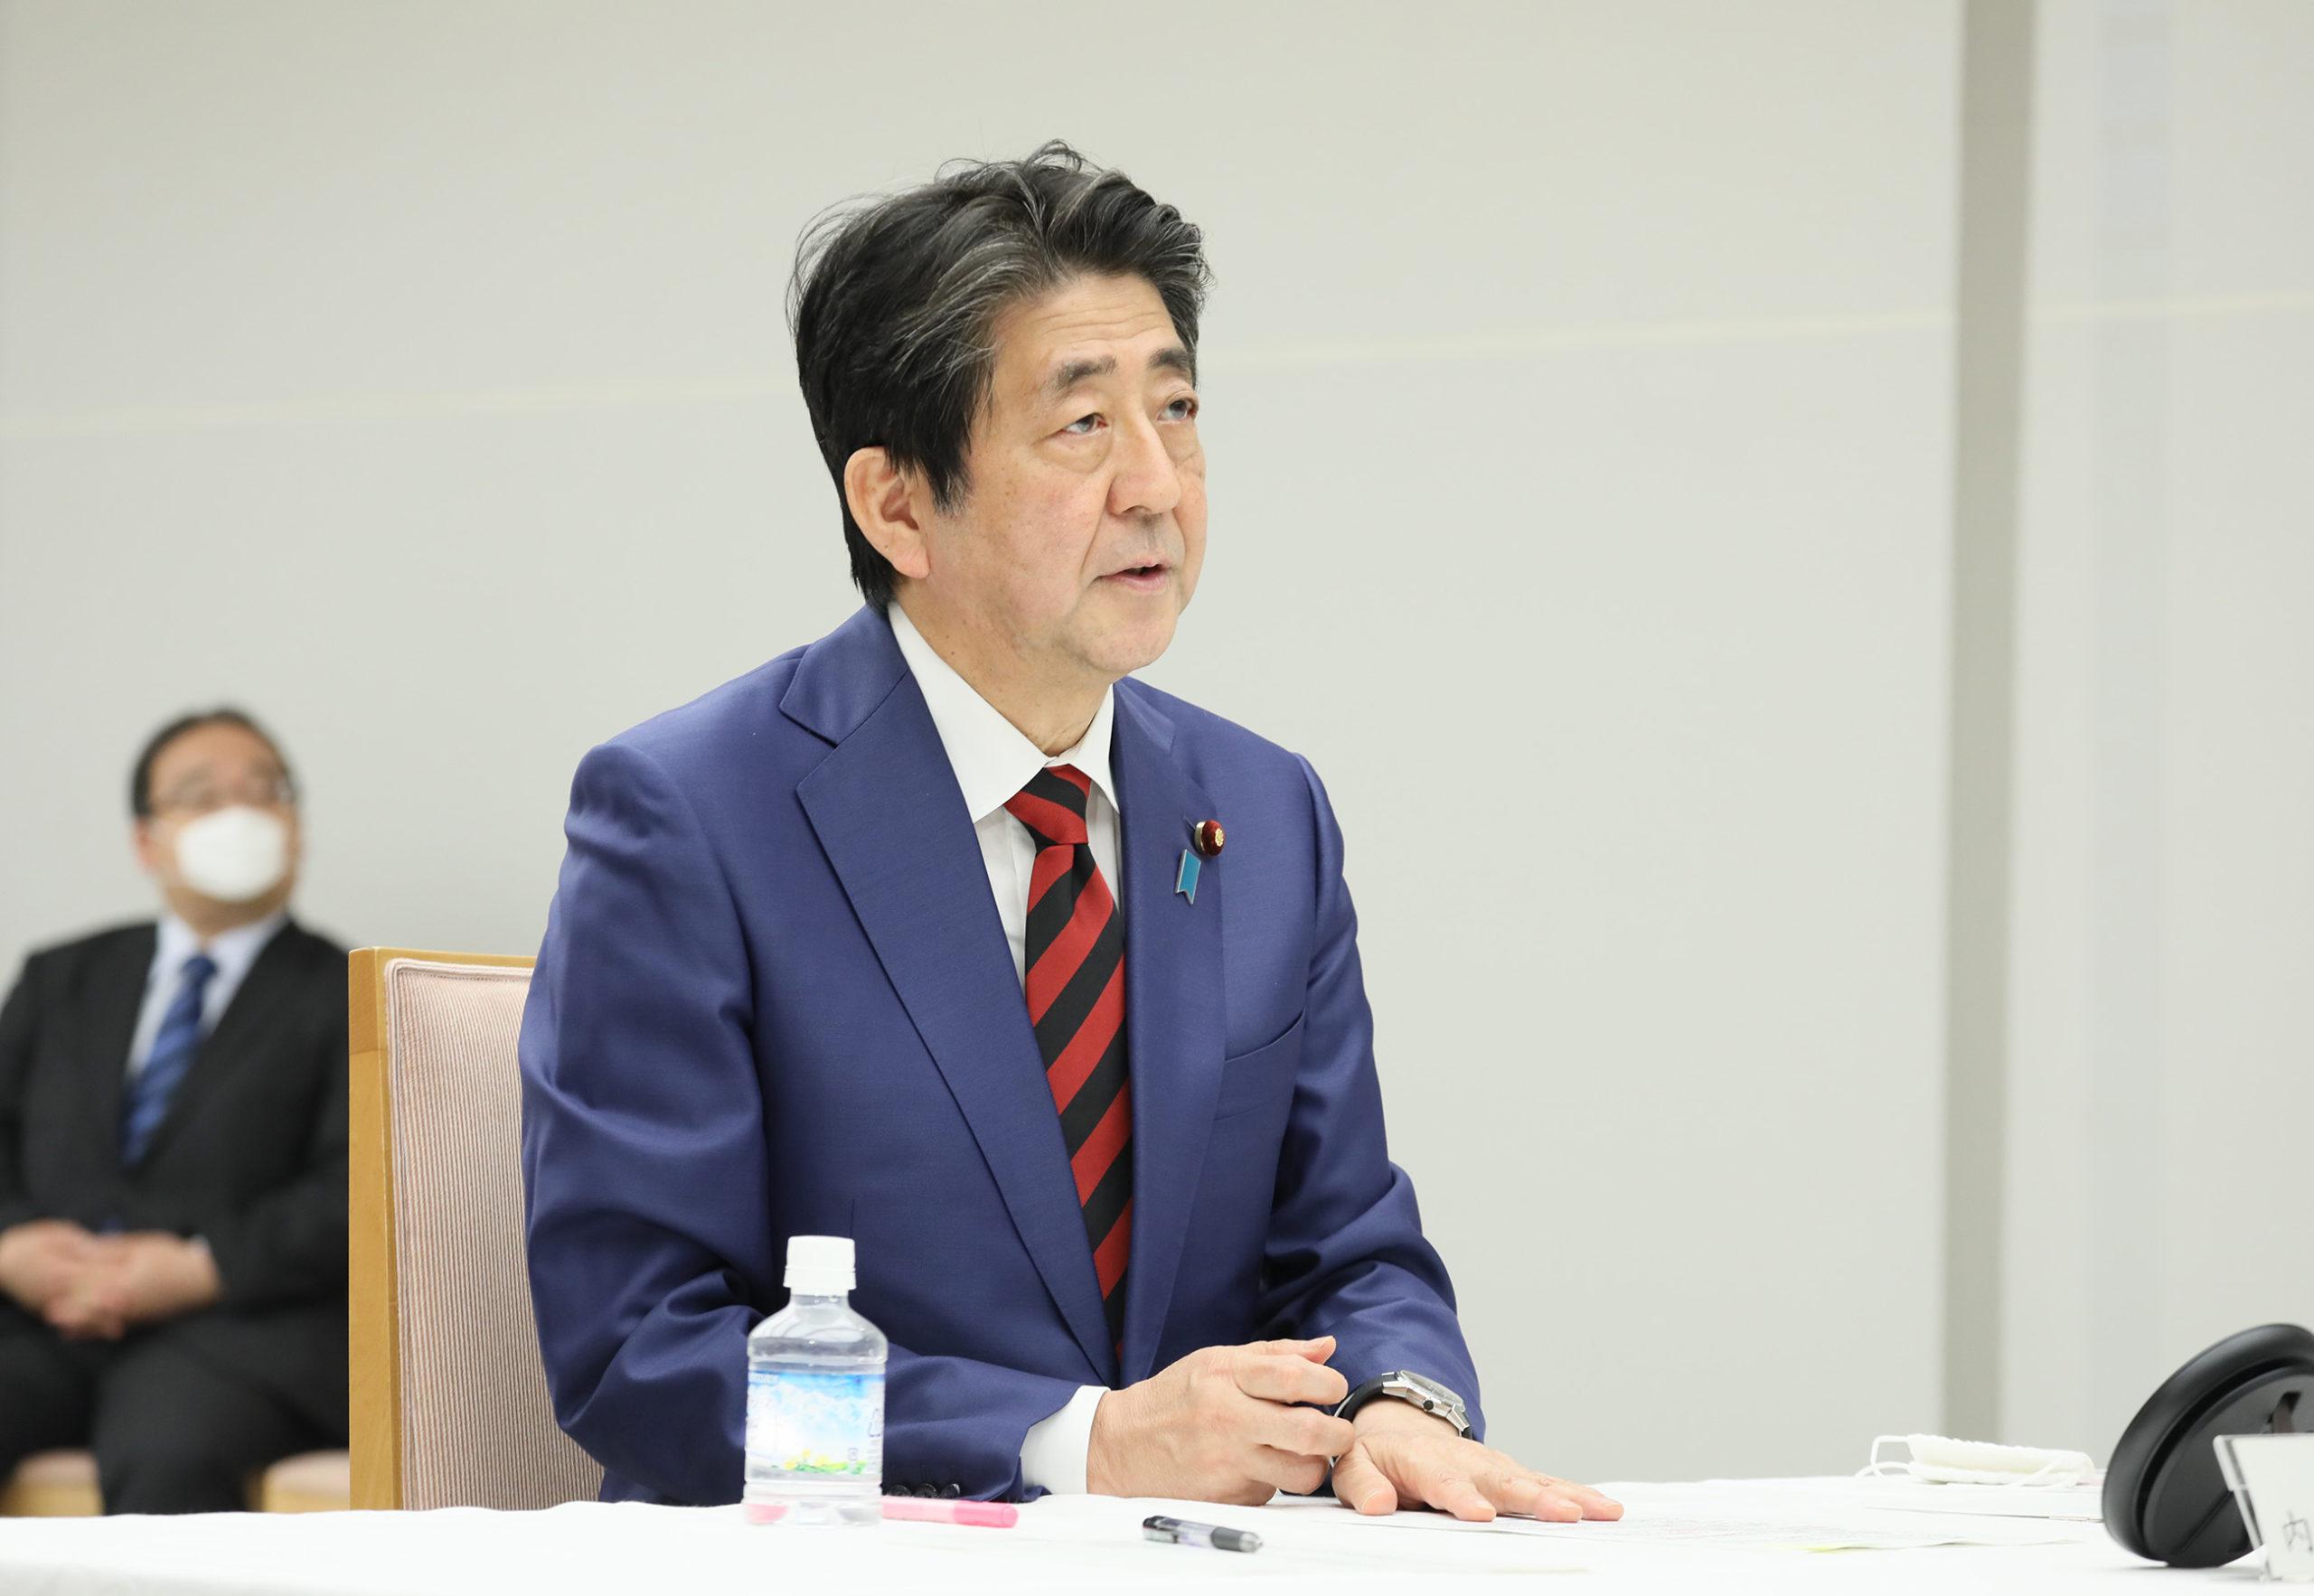 安倍総理は令和2年度補正予算成立及び緊急事態宣言の延長について会見を行いました